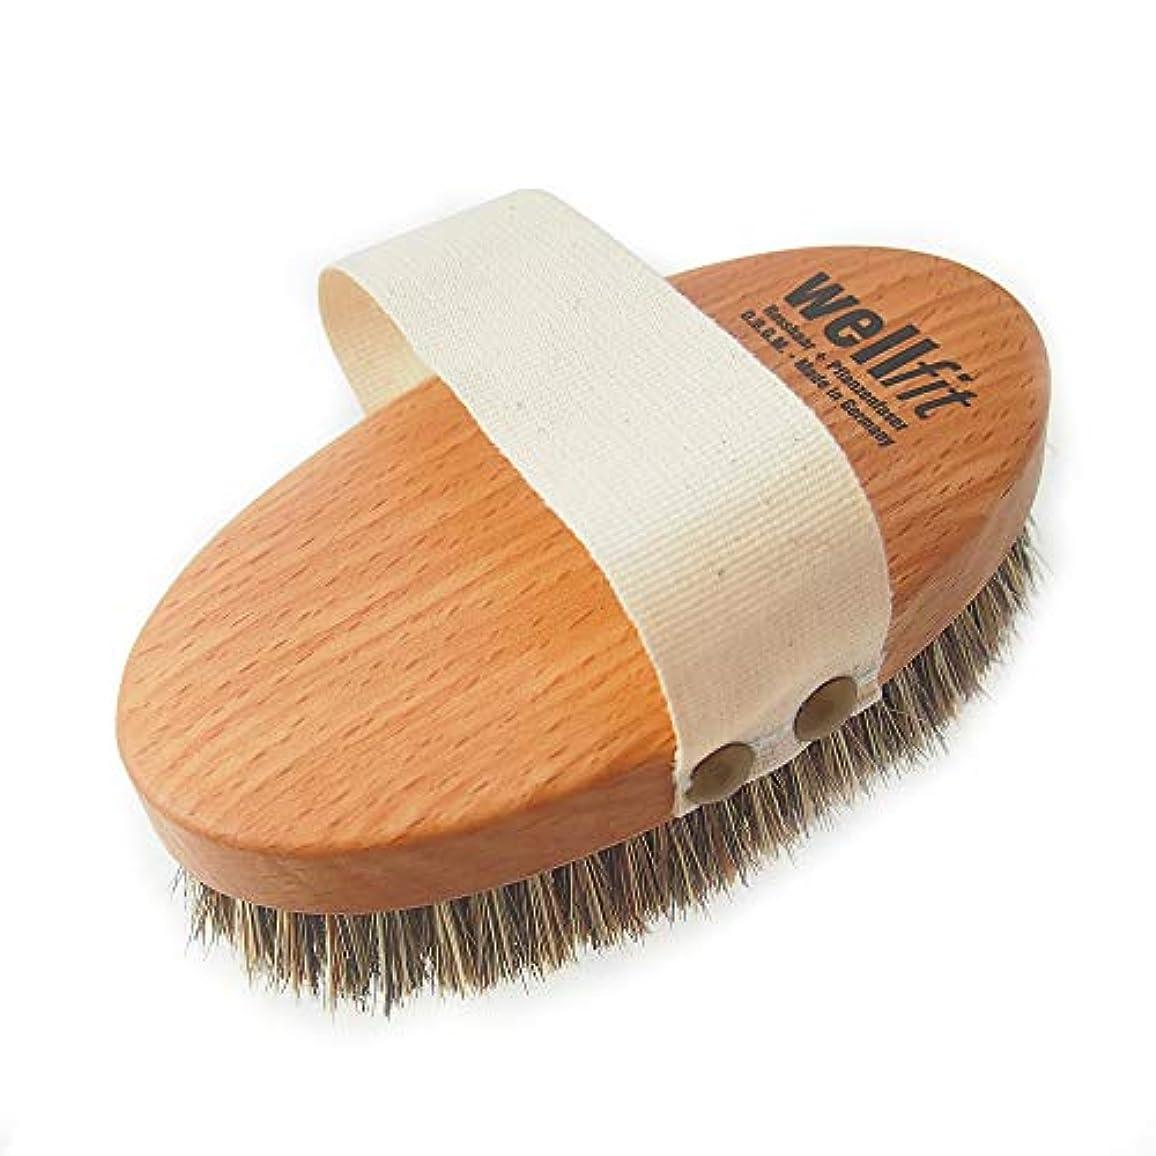 一握りブッシュ一握りレデッカー Redecker マッサージブラシ(ミディアムハード 馬毛と植物毛の混毛植毛) 正規品